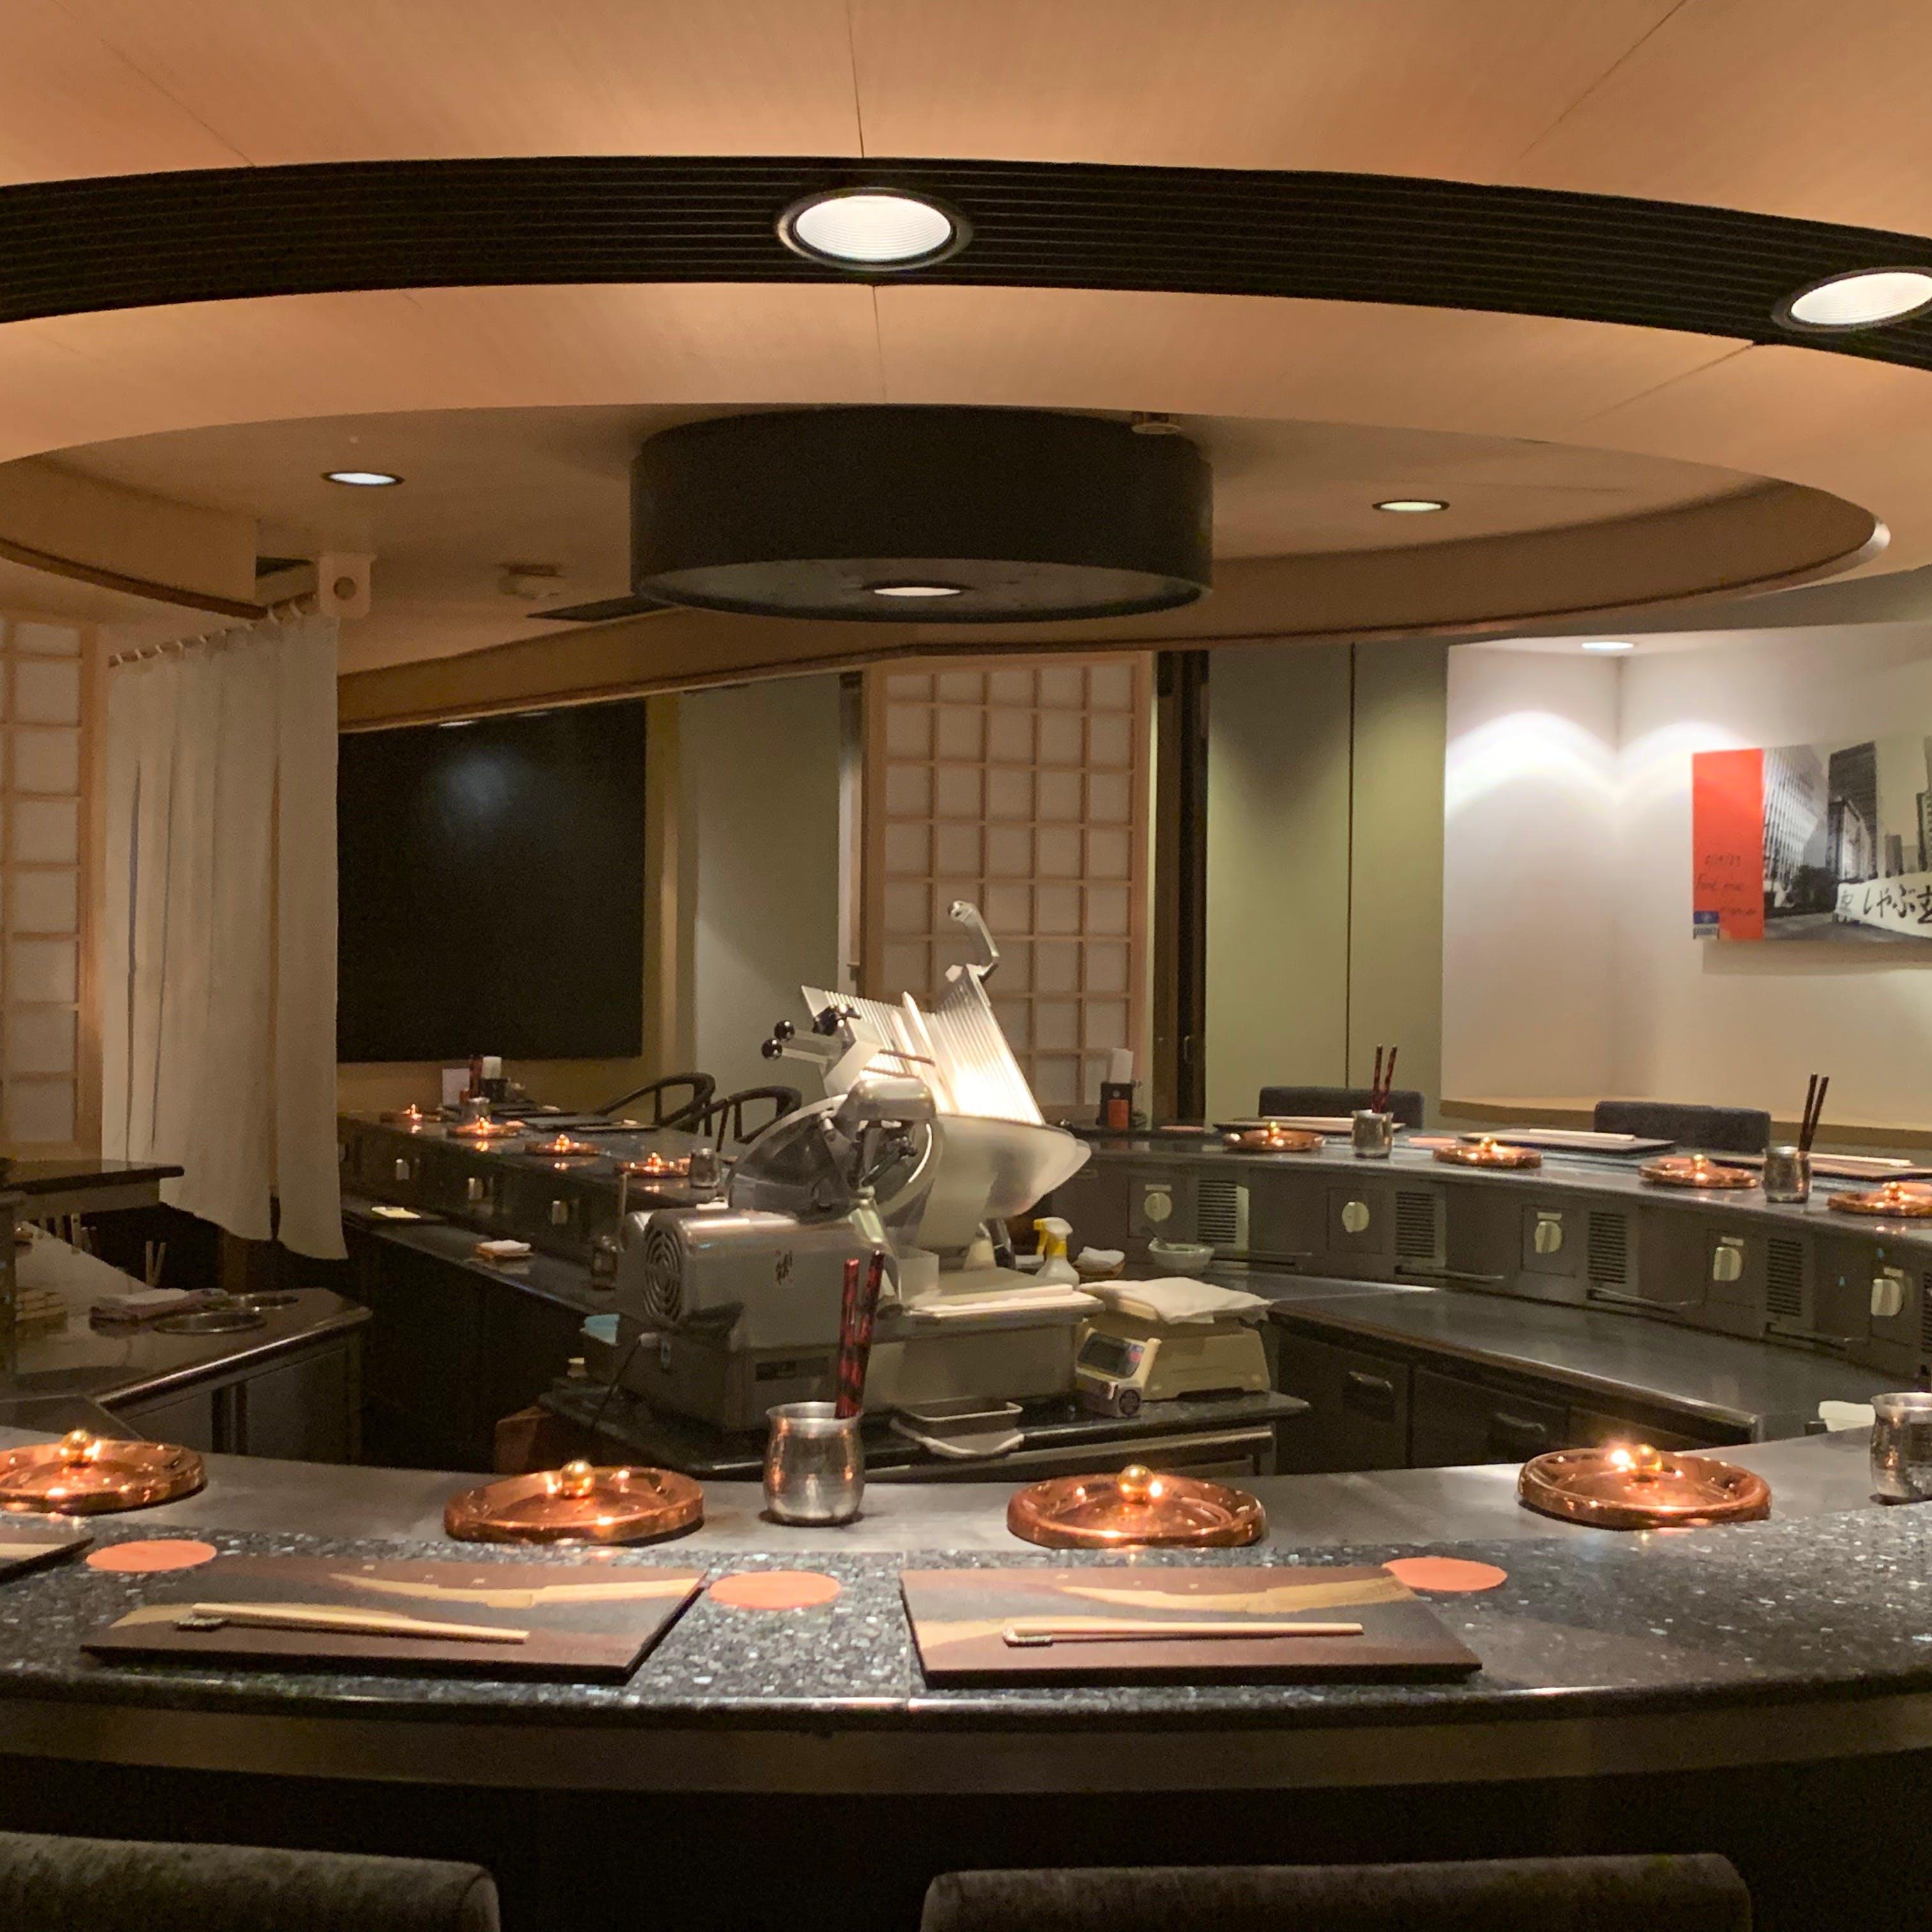 赤坂のモダンなカウンタースタイルの空間で優雅なひとときを